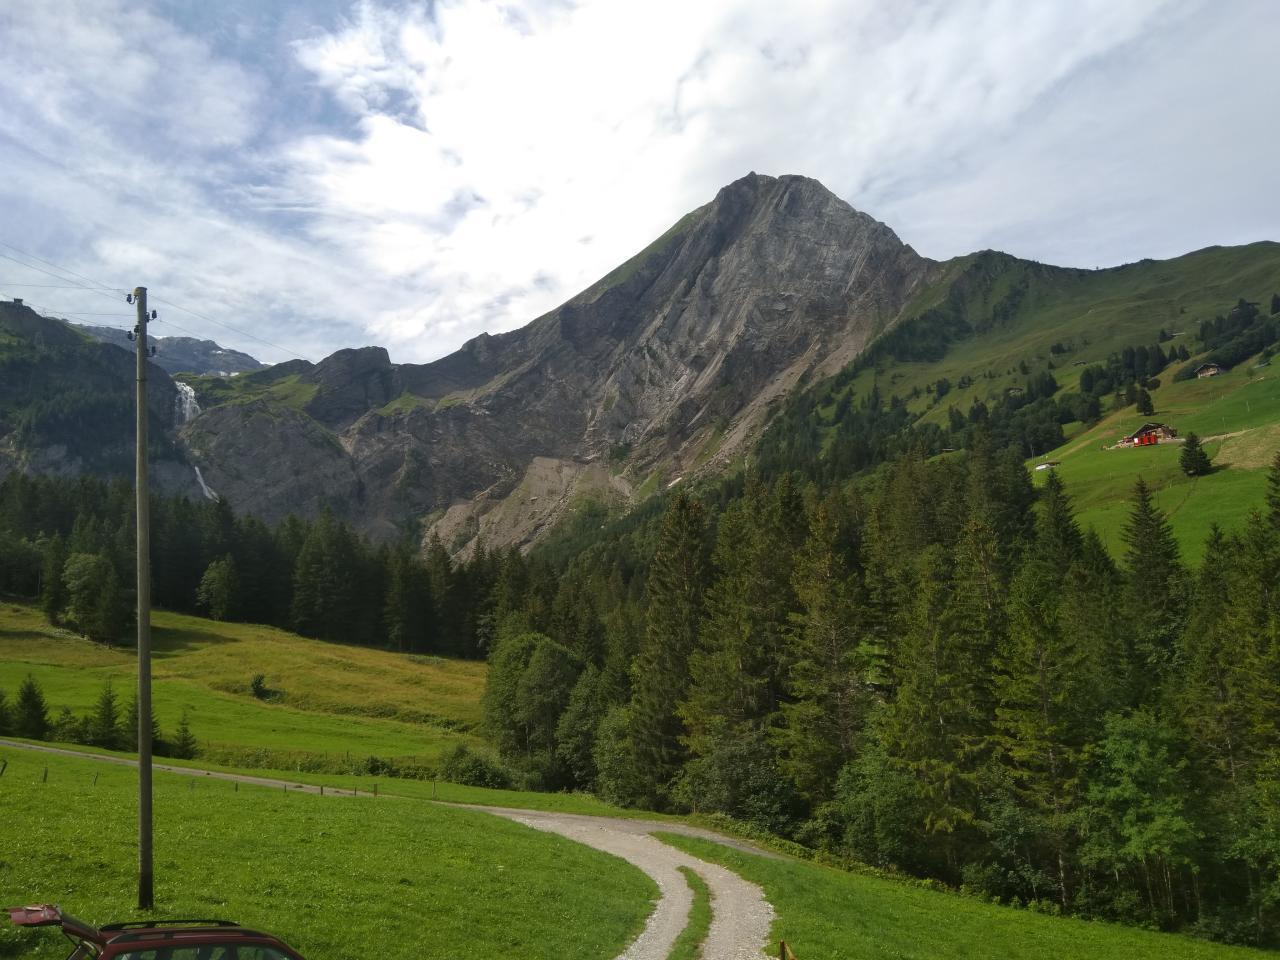 Ferienhaus Willenschwand  Adelboden (1888244), Adelboden, Adelboden - Frutigen - Kandersteg, Berner Oberland, Schweiz, Bild 14